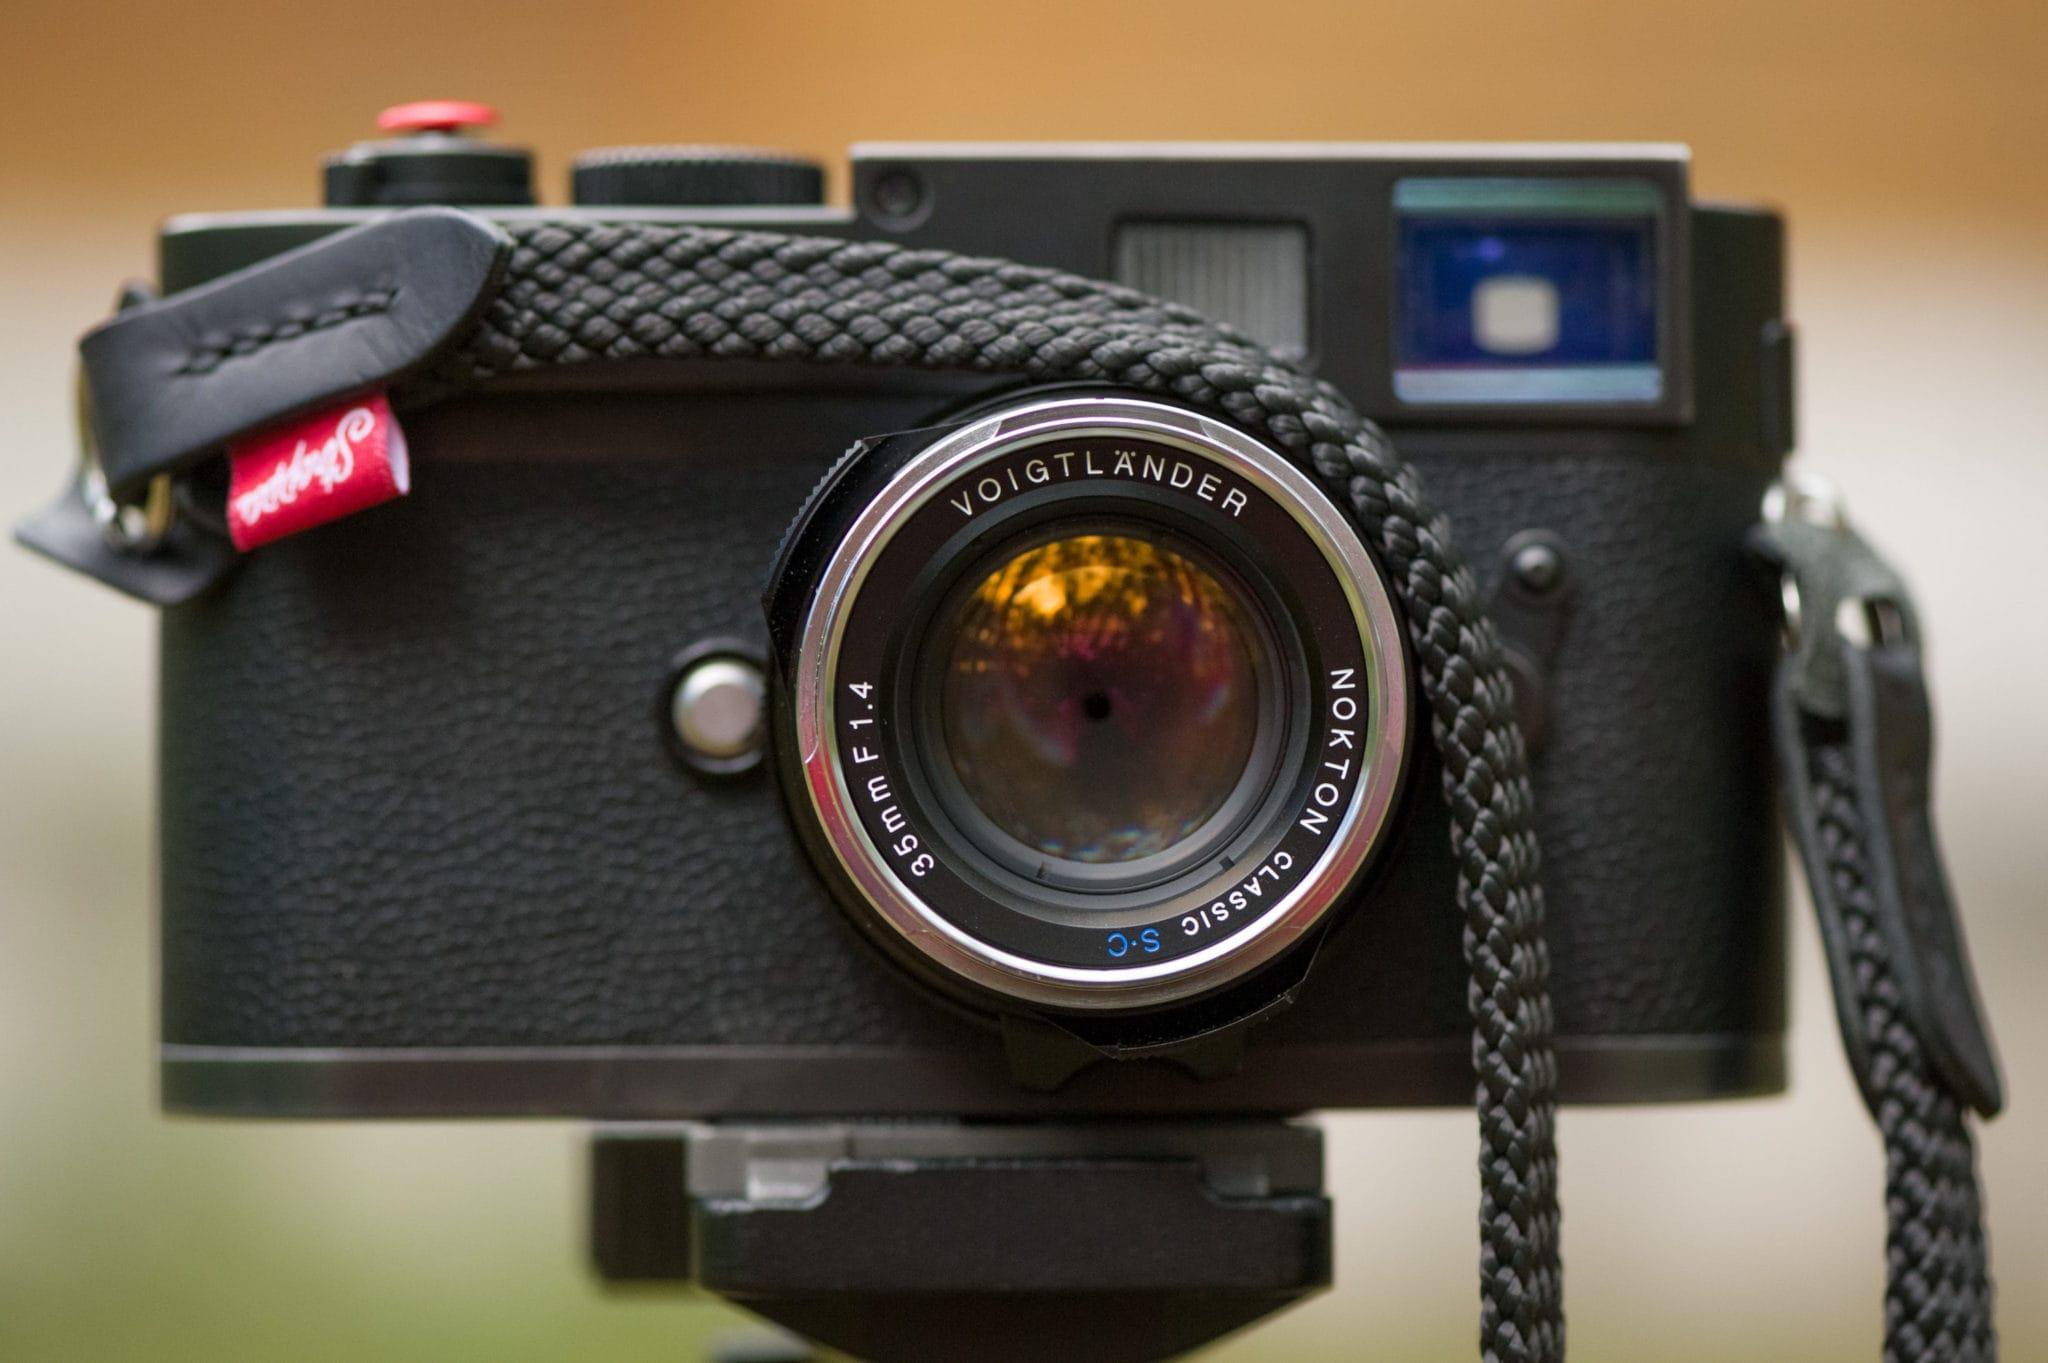 Voigtlander 35mm f/1,4 Nokton Classic SC